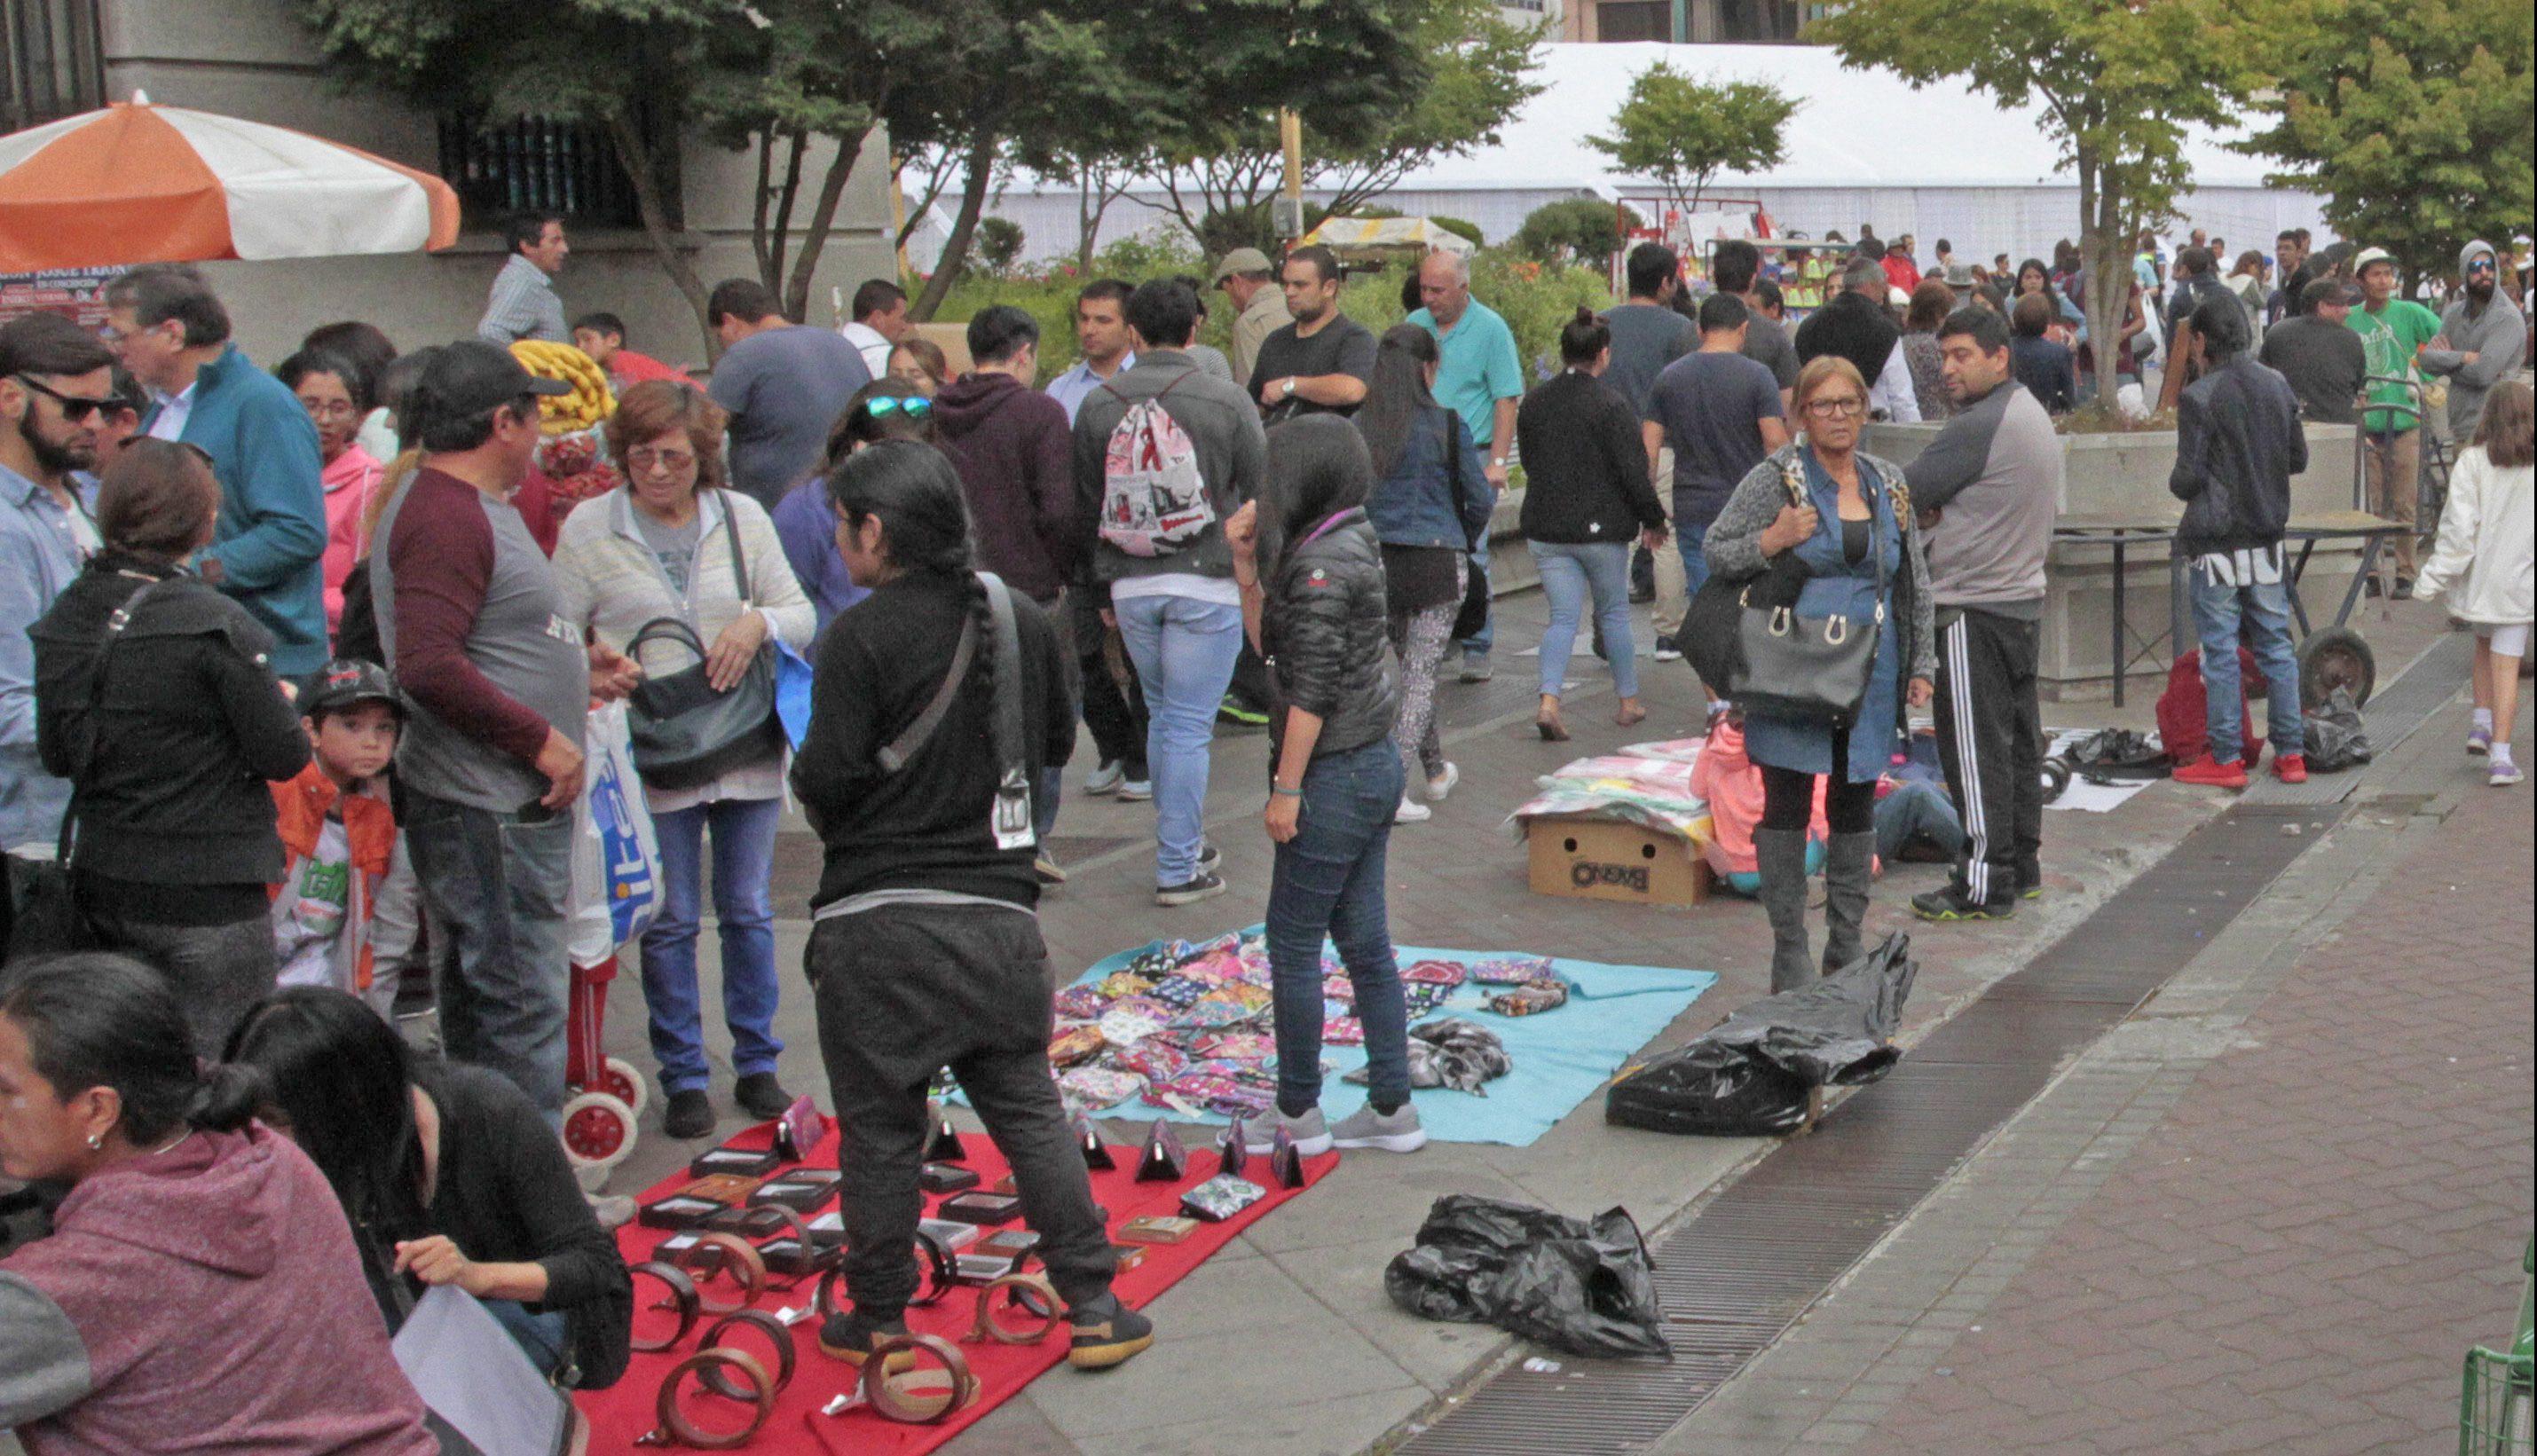 «Verdaderas mafias»: Cámara de Comercio apunta contra comerciantes ilegales en centro de Concepción